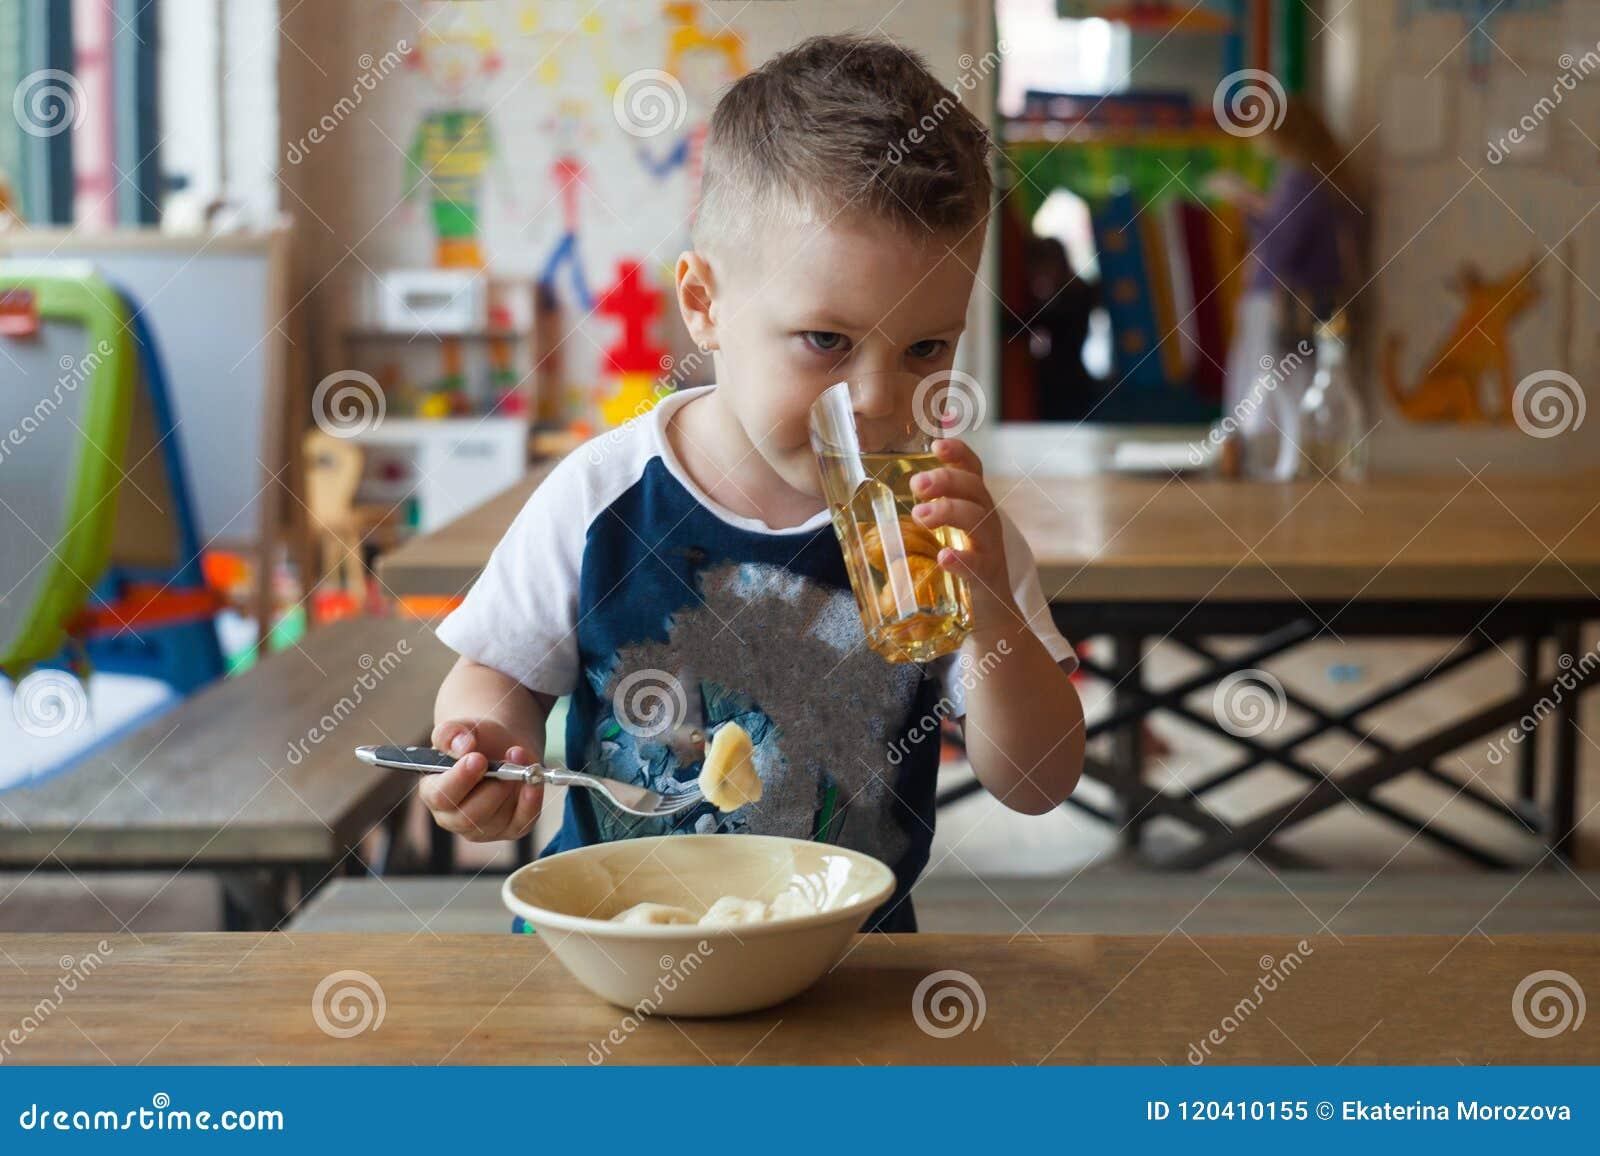 Πορτρέτο χαριτωμένου λίγος καυκάσιος χρονών χυμός φρούτων κατανάλωσης παιδιών αγοριών μικρών παιδιών 3 σε ένα γυαλί, συνεδρίαση α